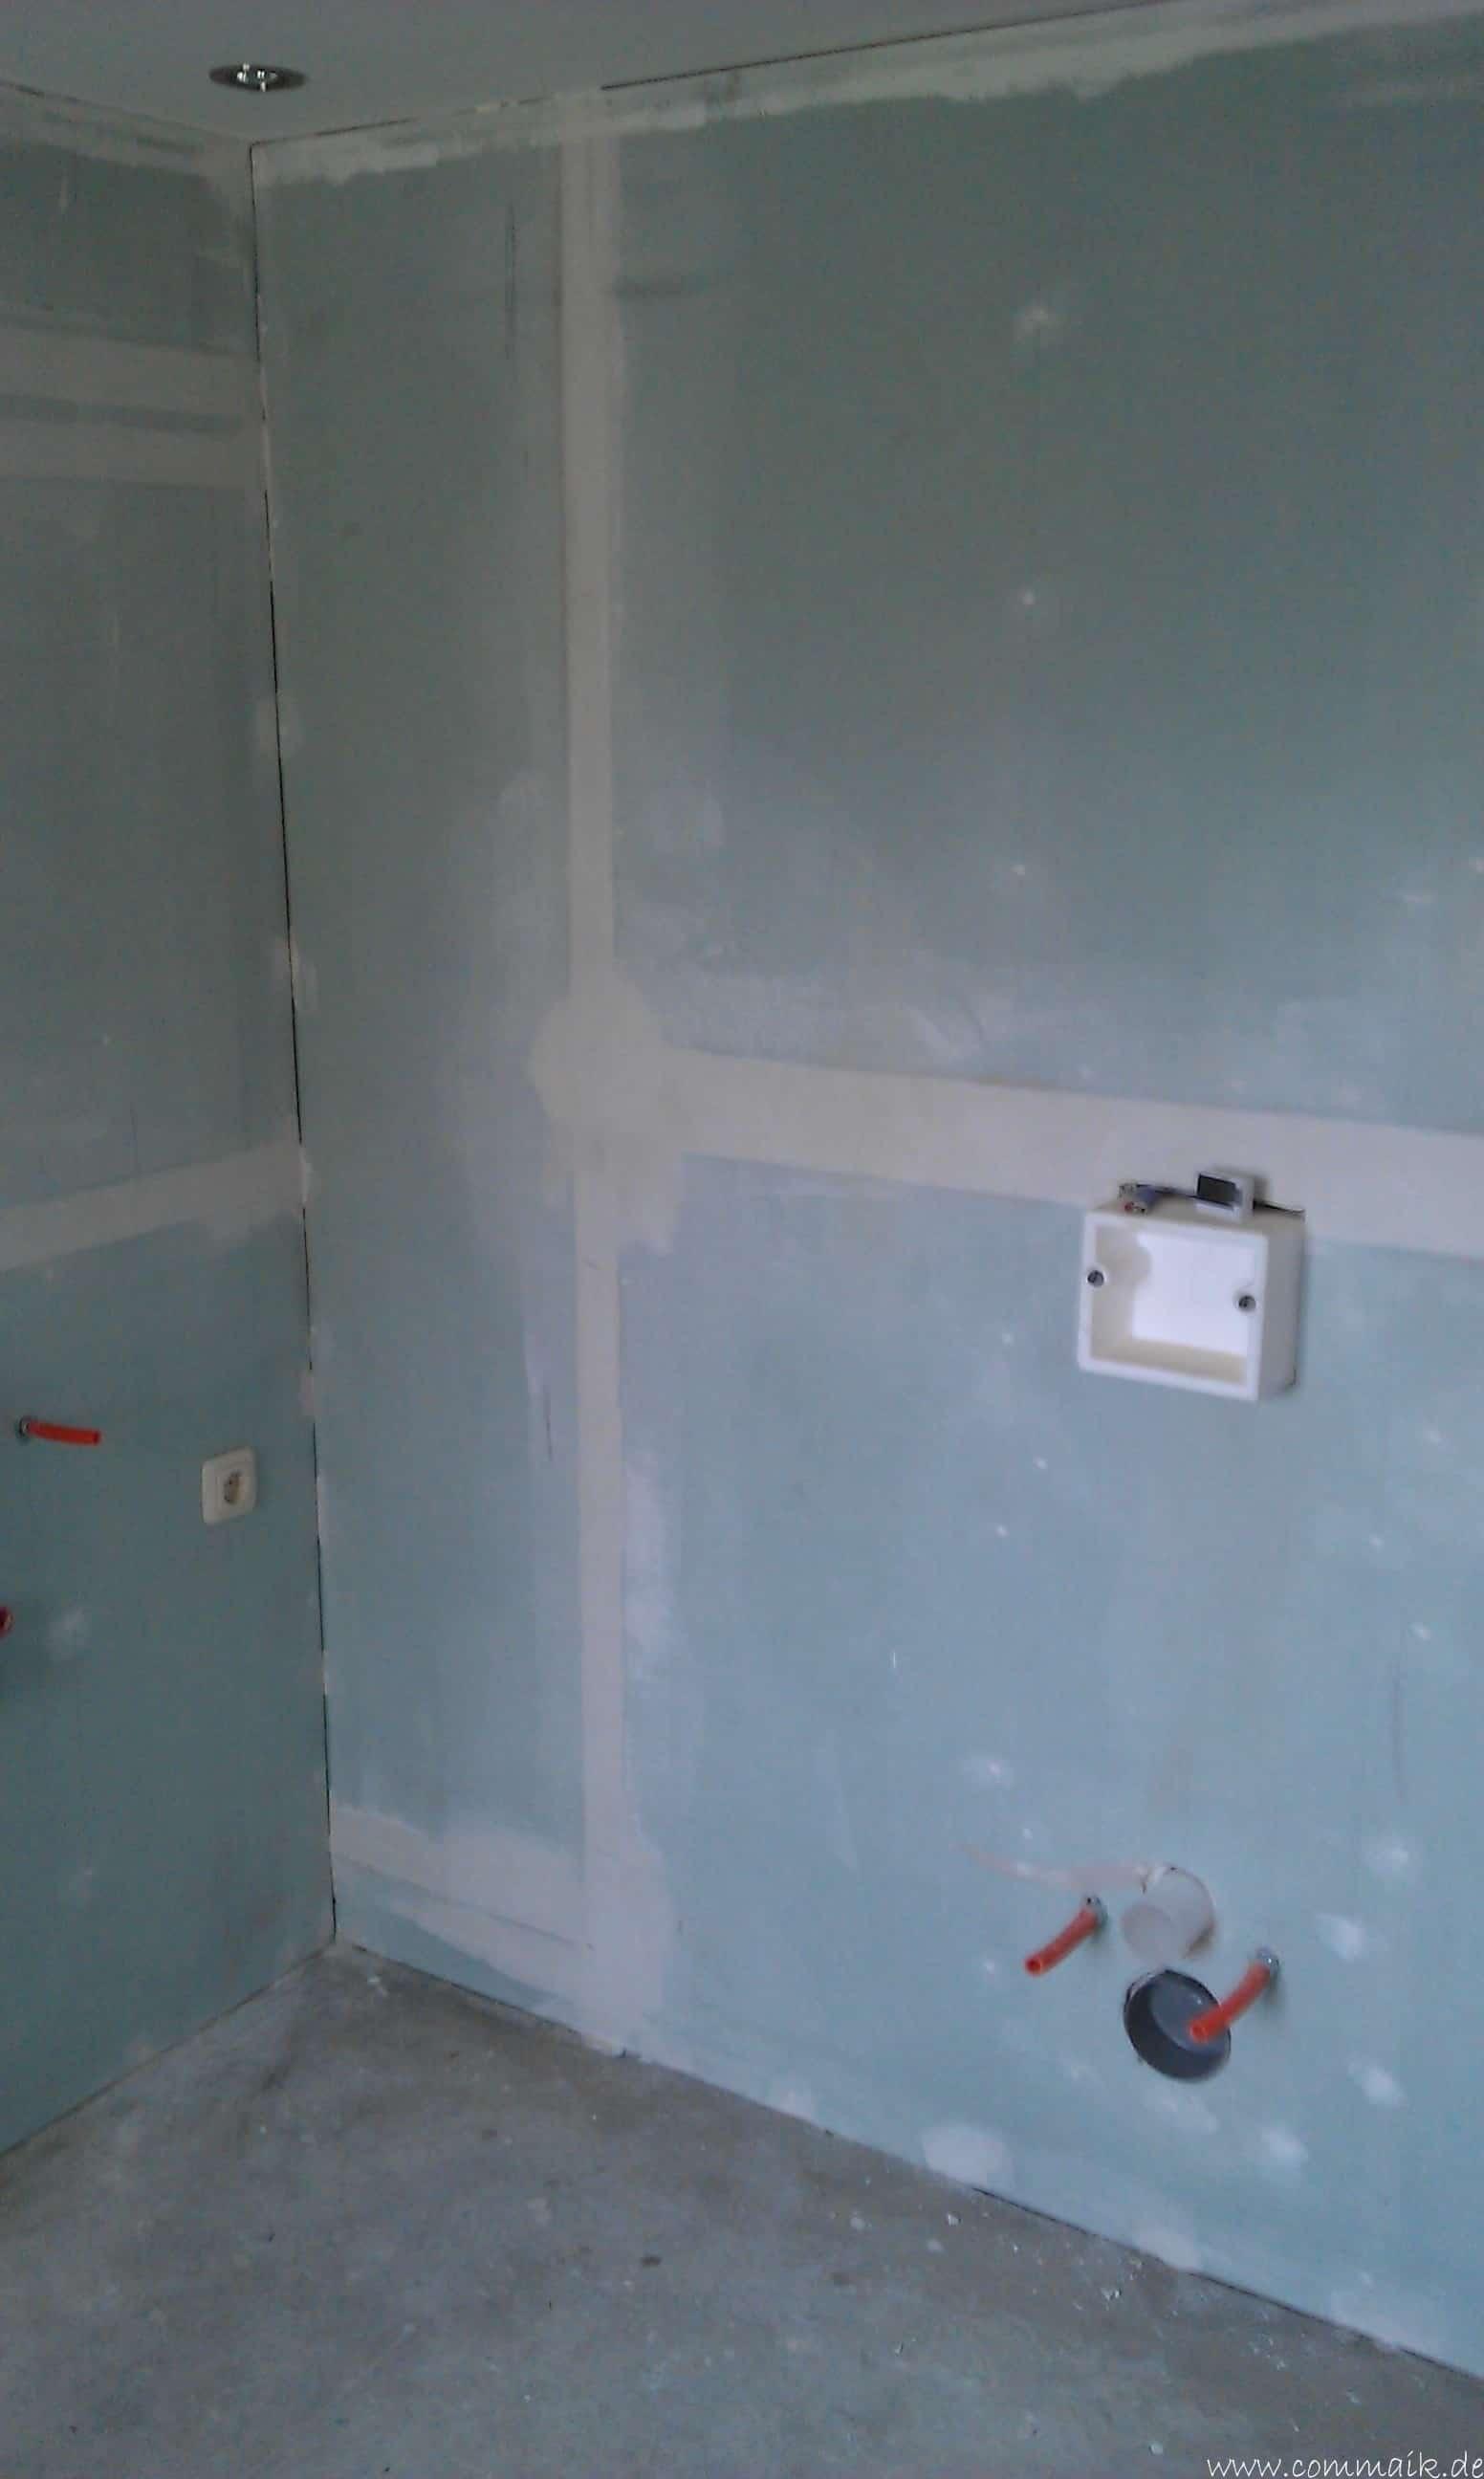 Dusche Im Keller Einbauen : Dusche Im Keller Bauen : buero im keller bauen37